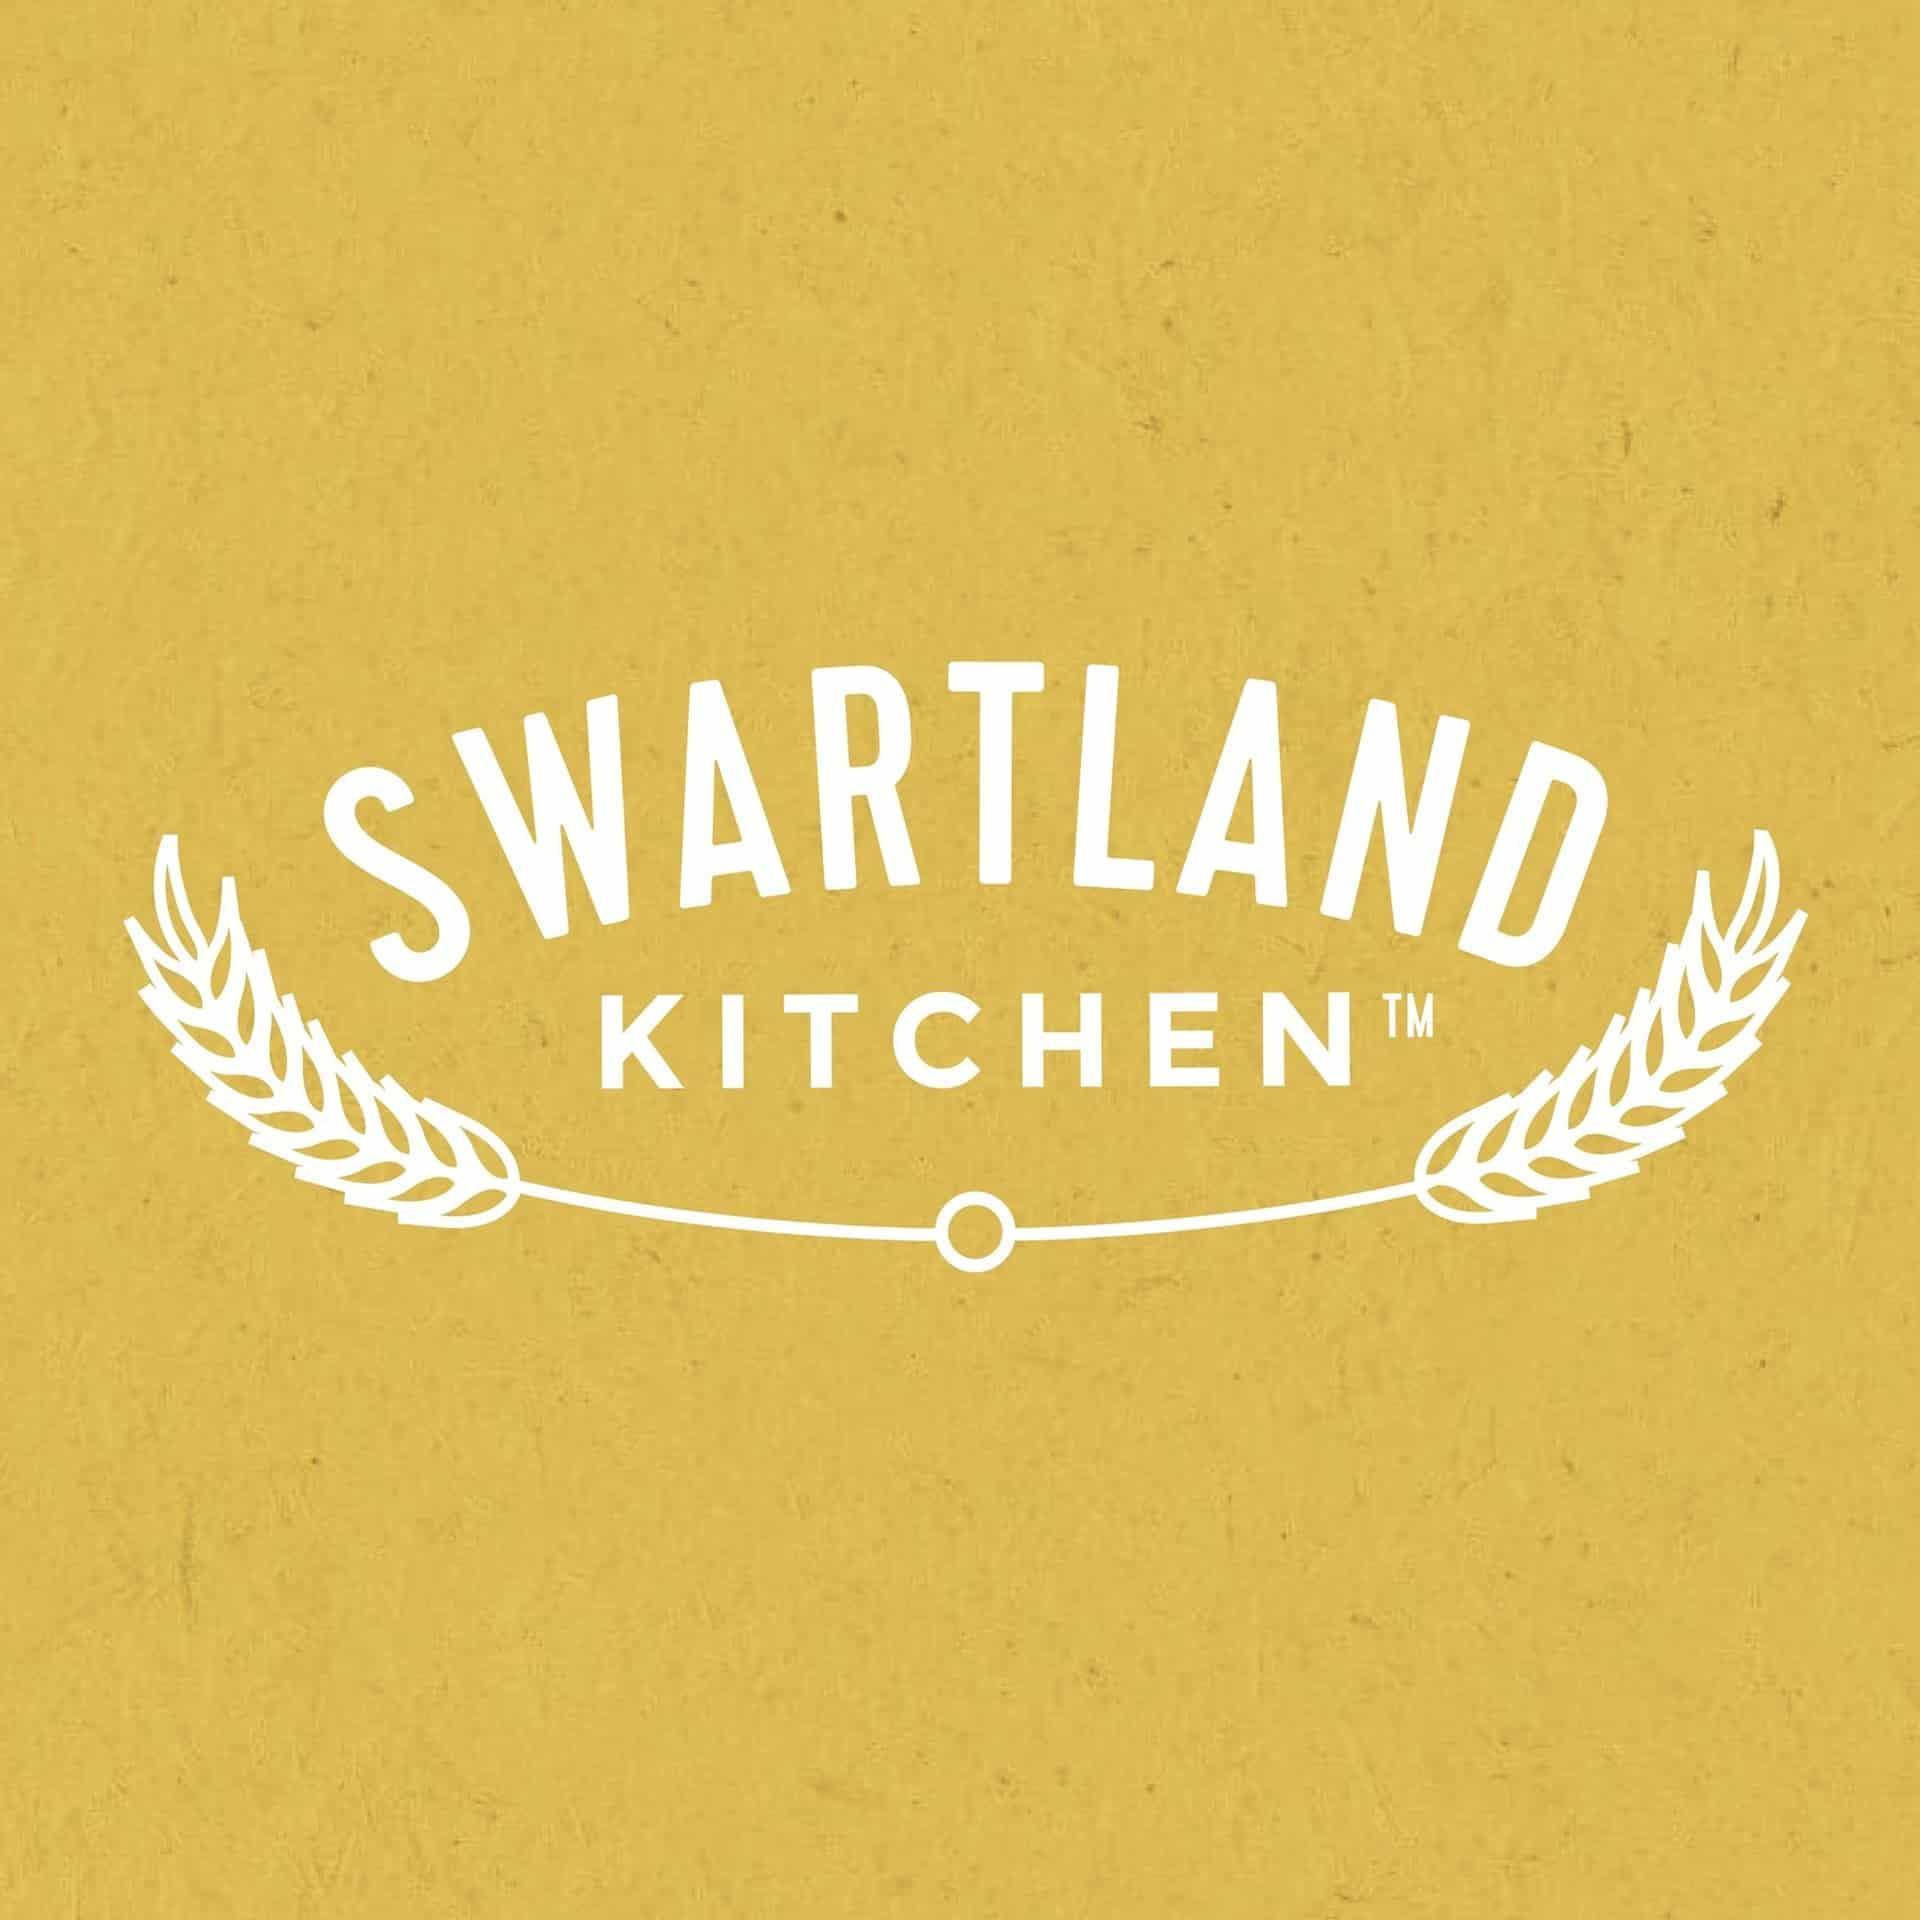 Swartland Kitchen